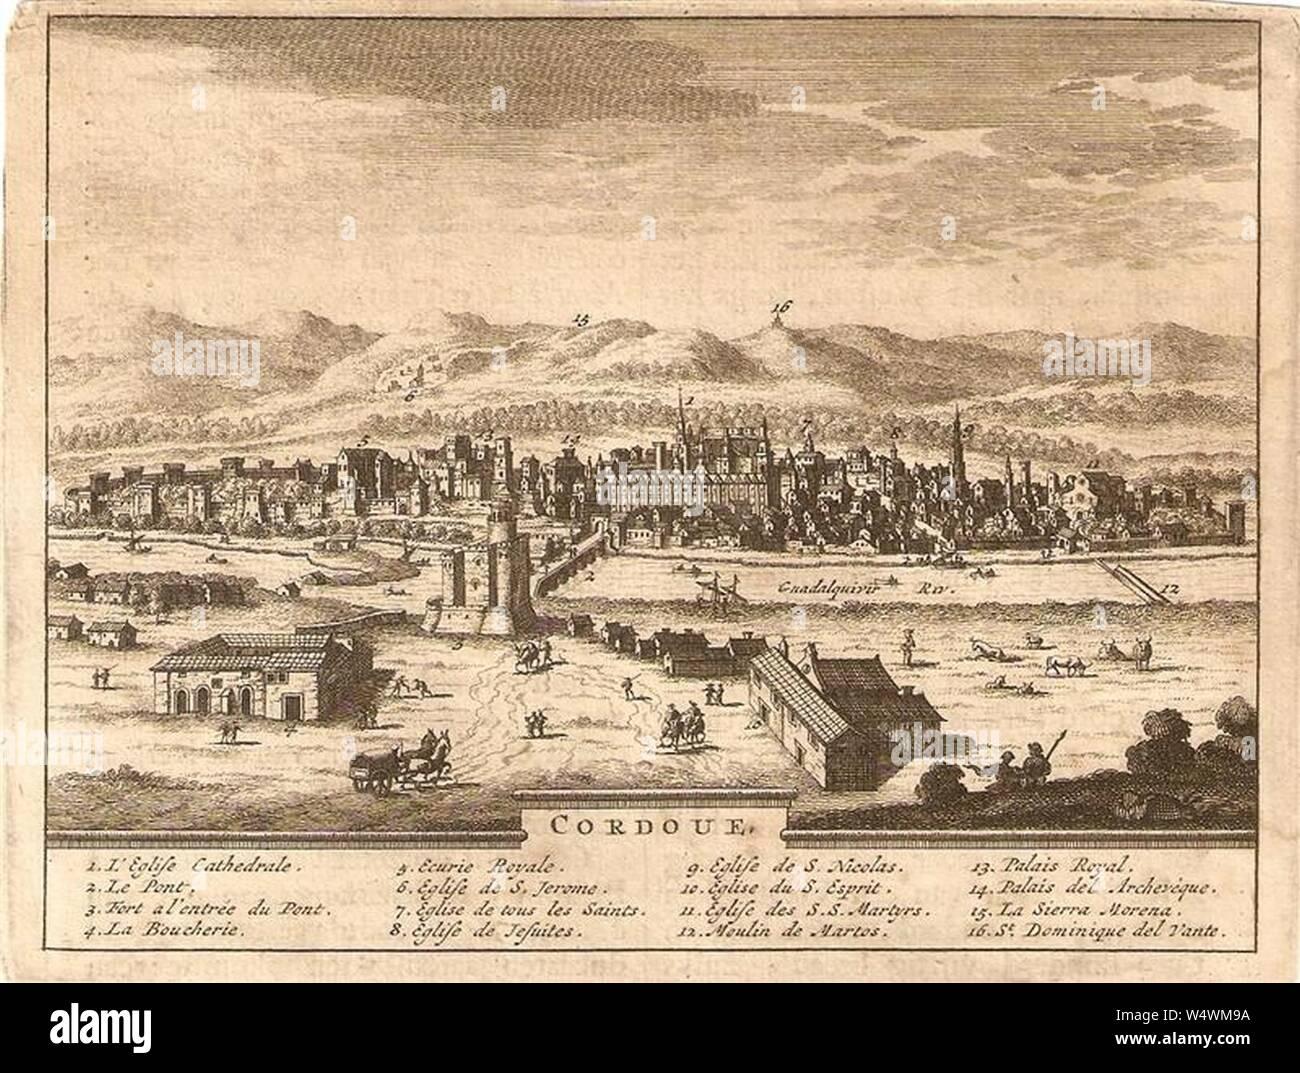 Cordoue (1715) - Pieter van der Aa Stock Photo - Alamy